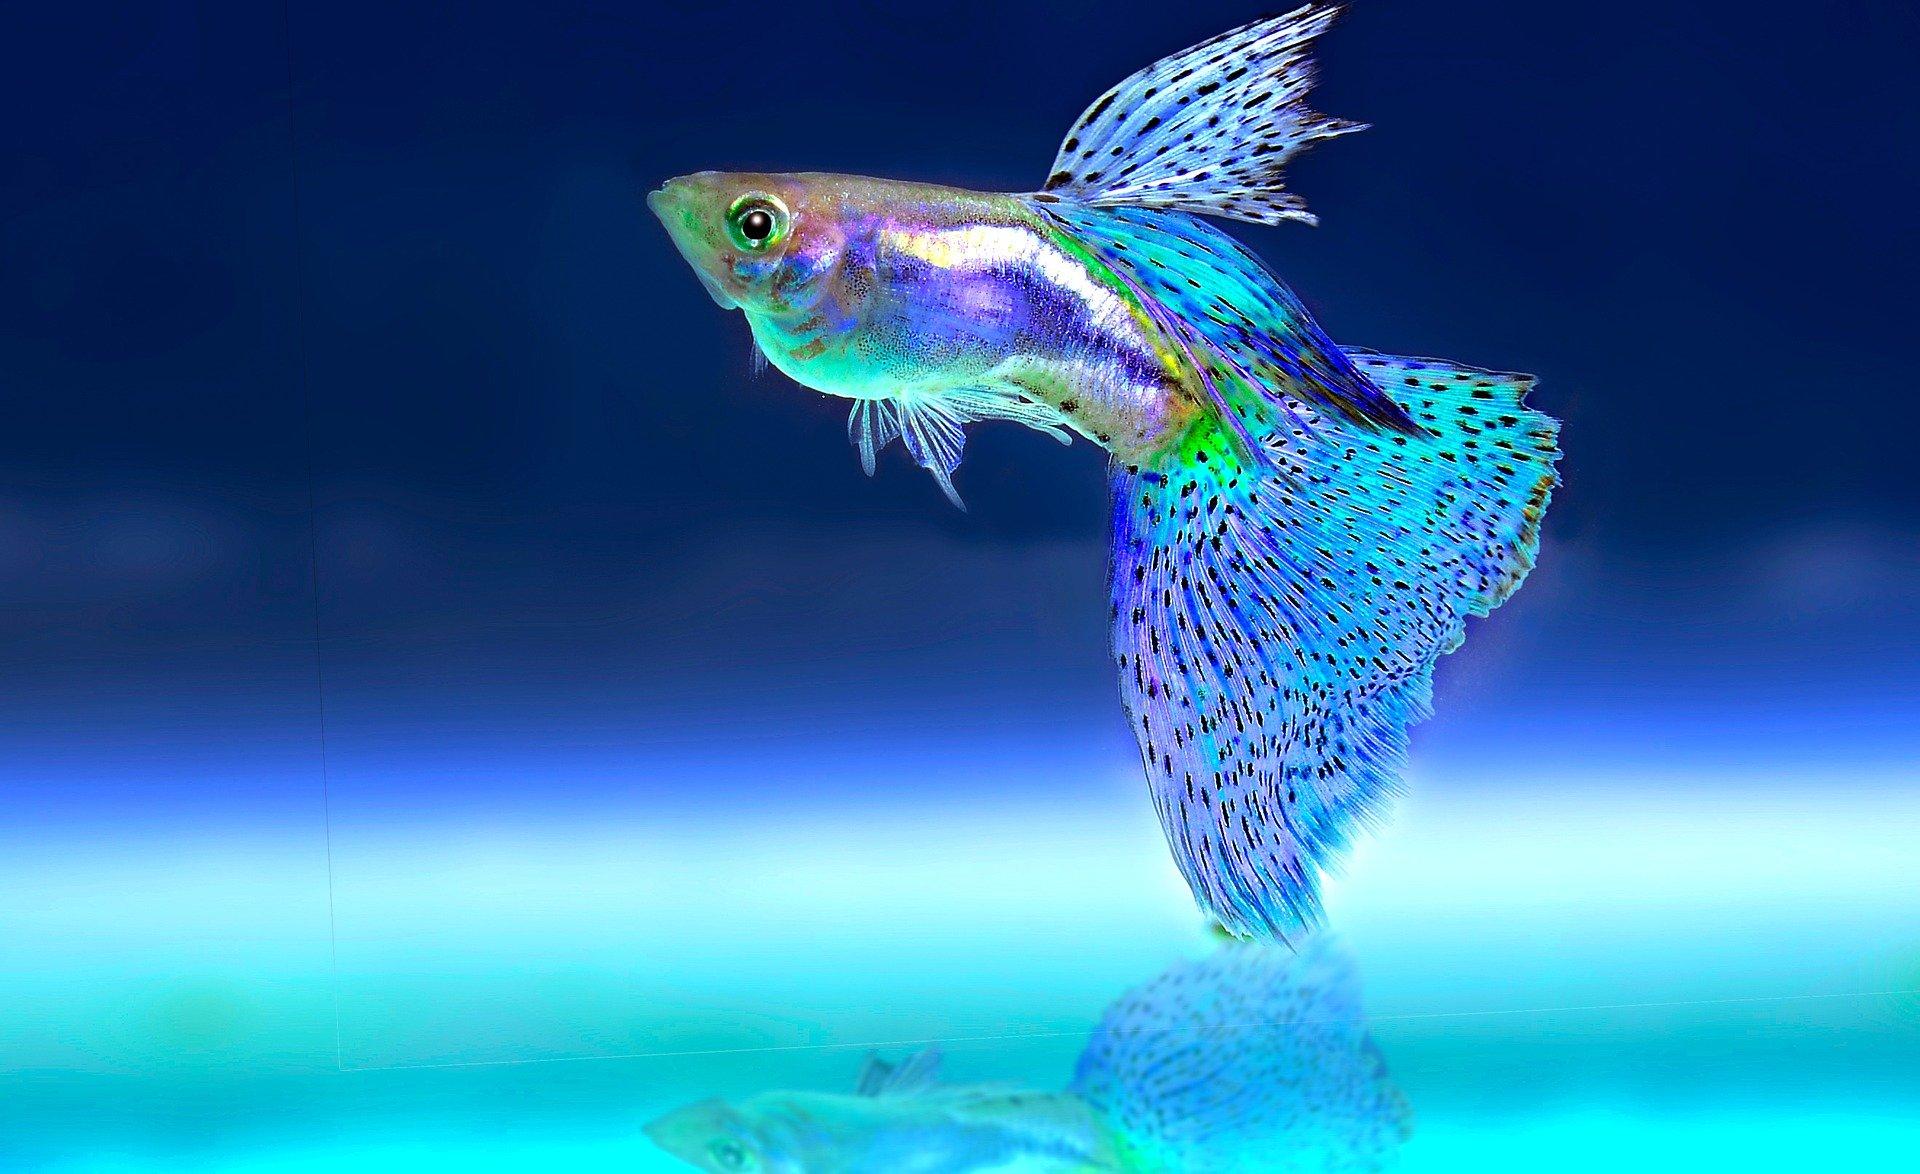 Ein kleiner blauer Fisch der in mehreren Farben schimmert